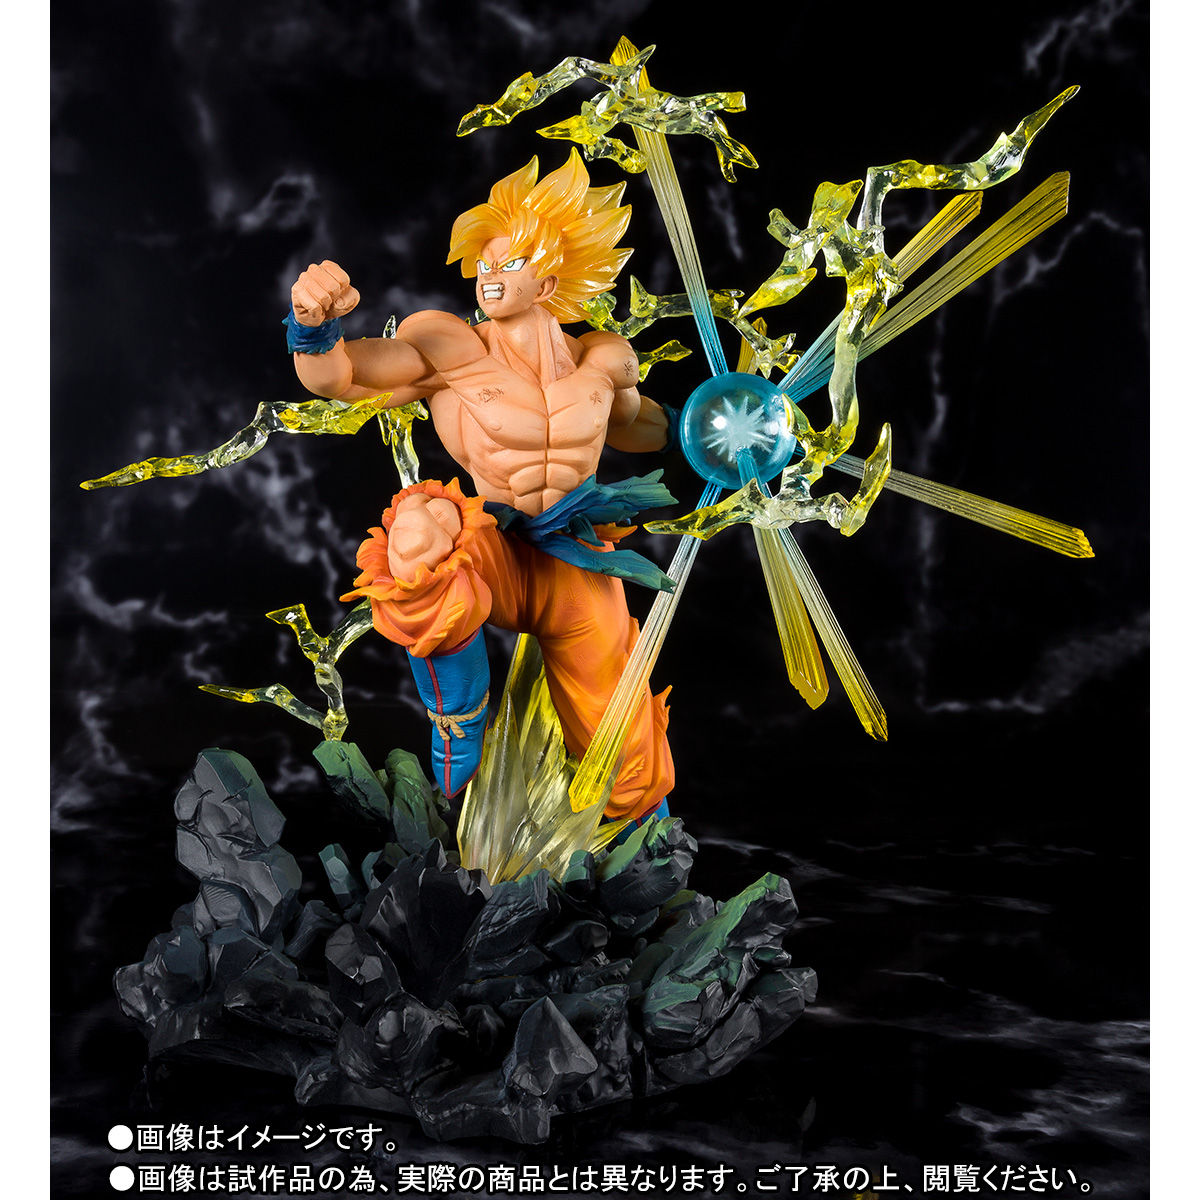 フィギュアーツZERO『スーパーサイヤ人孫悟空 -熱戦-』ドラゴンボールZ 完成品フィギュア-003